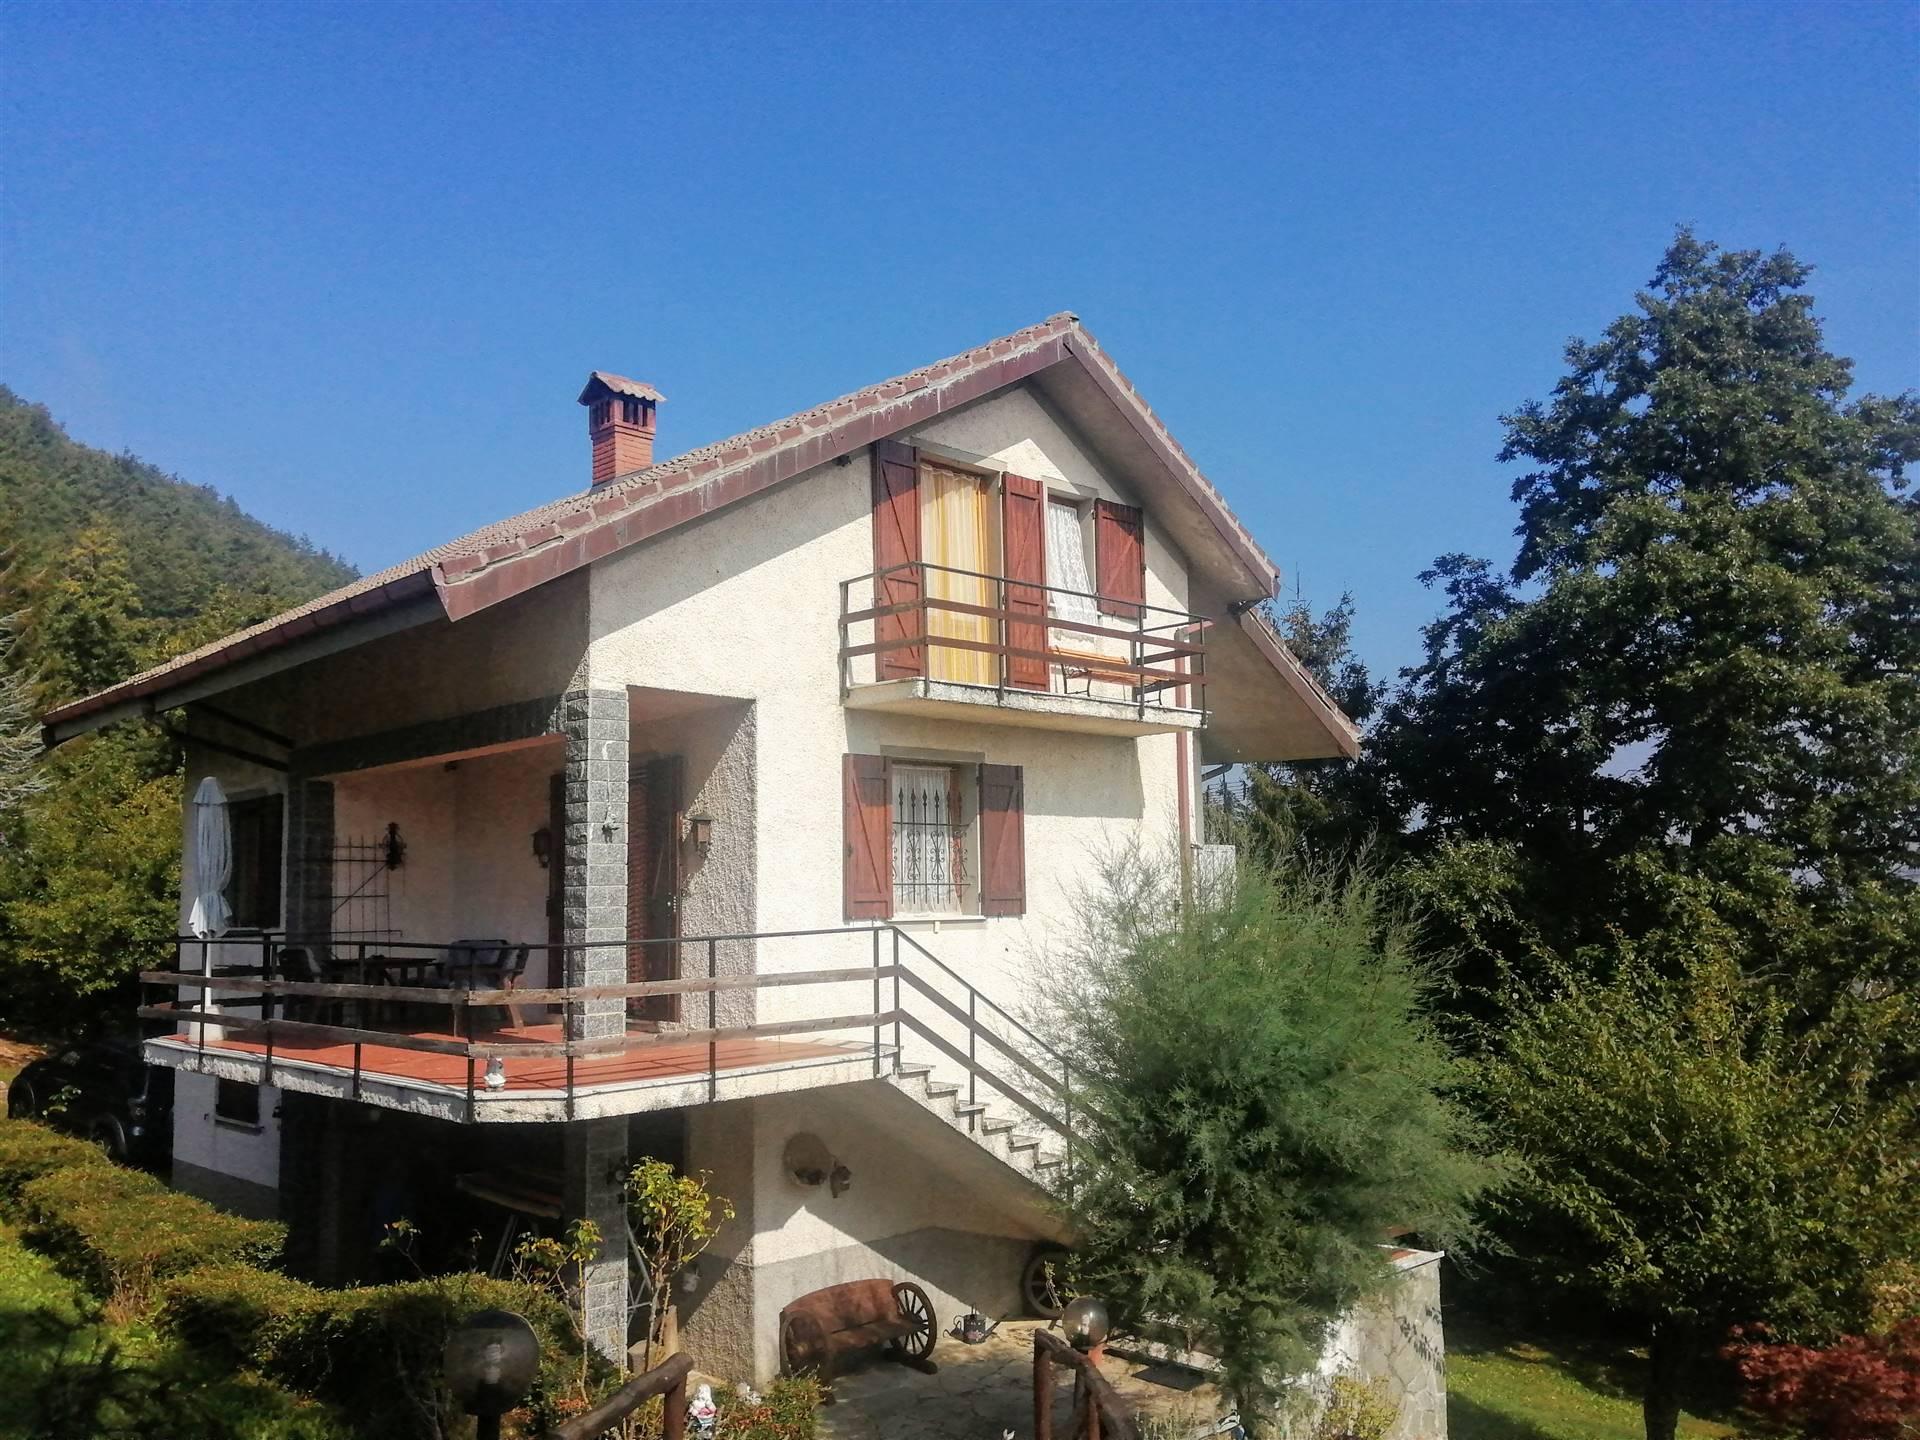 Soluzione Indipendente in vendita a Mongiardino Ligure, 7 locali, prezzo € 130.000 | PortaleAgenzieImmobiliari.it